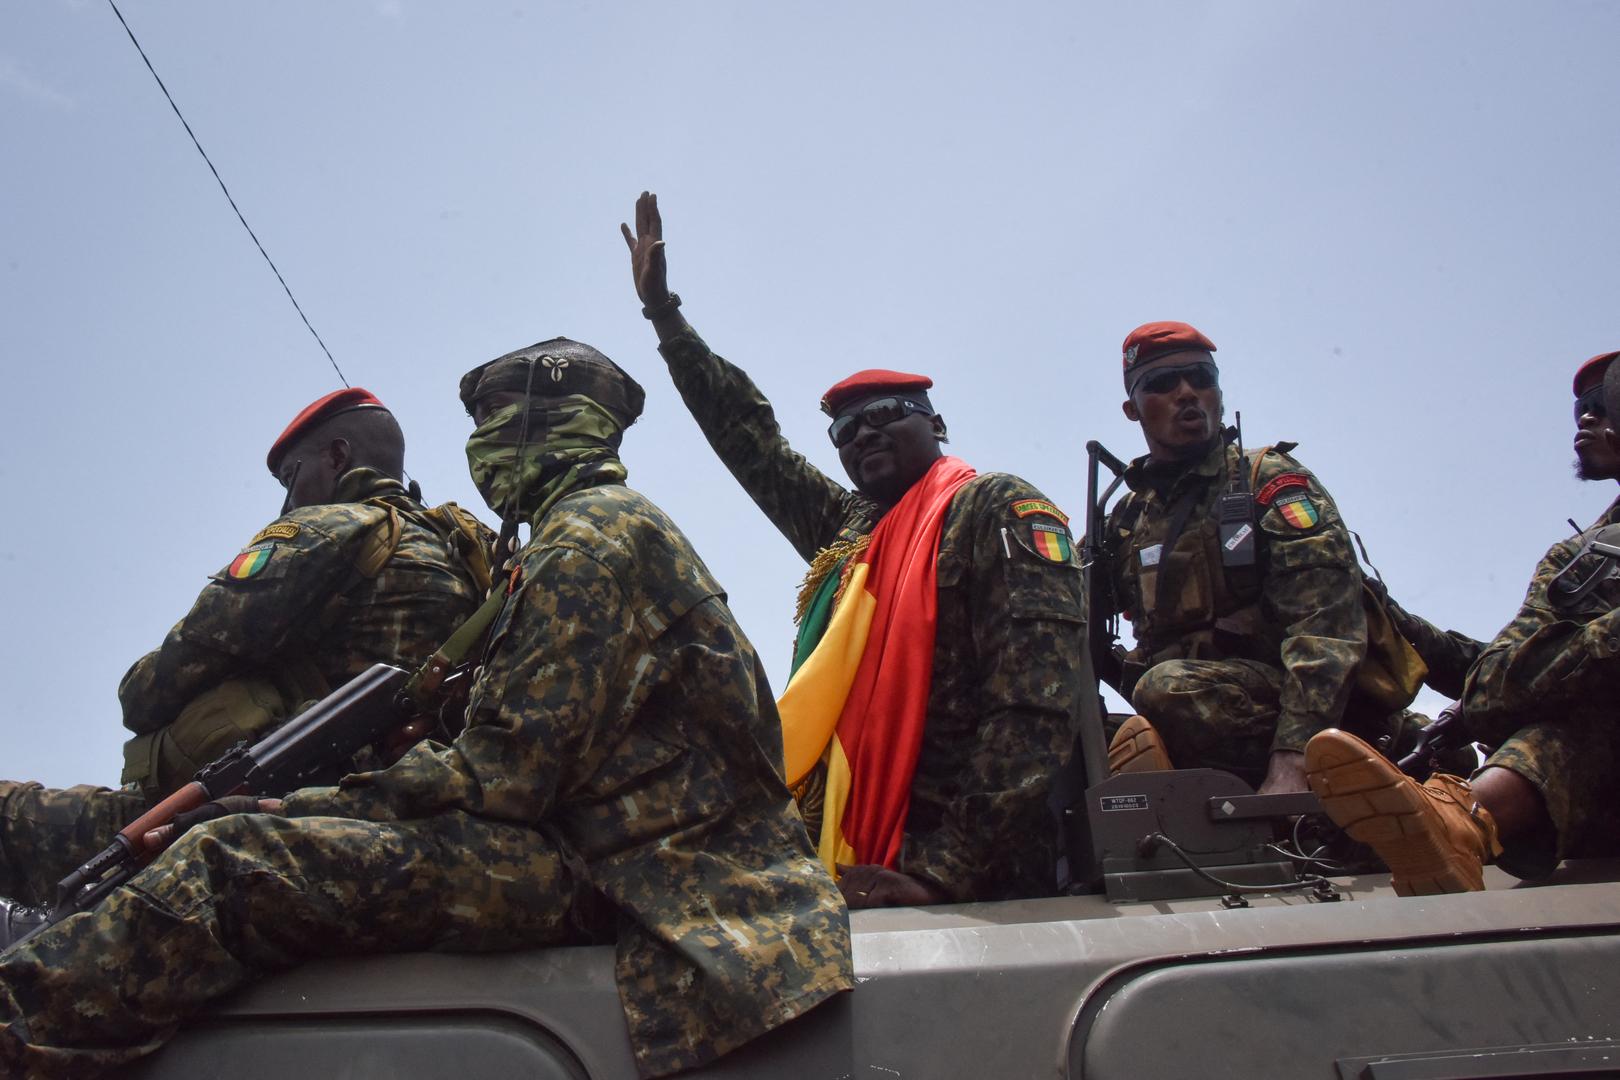 غينيا.. قائد الانقلاب يمنع المسؤولين الحكوميين من السفر إلى الخارج